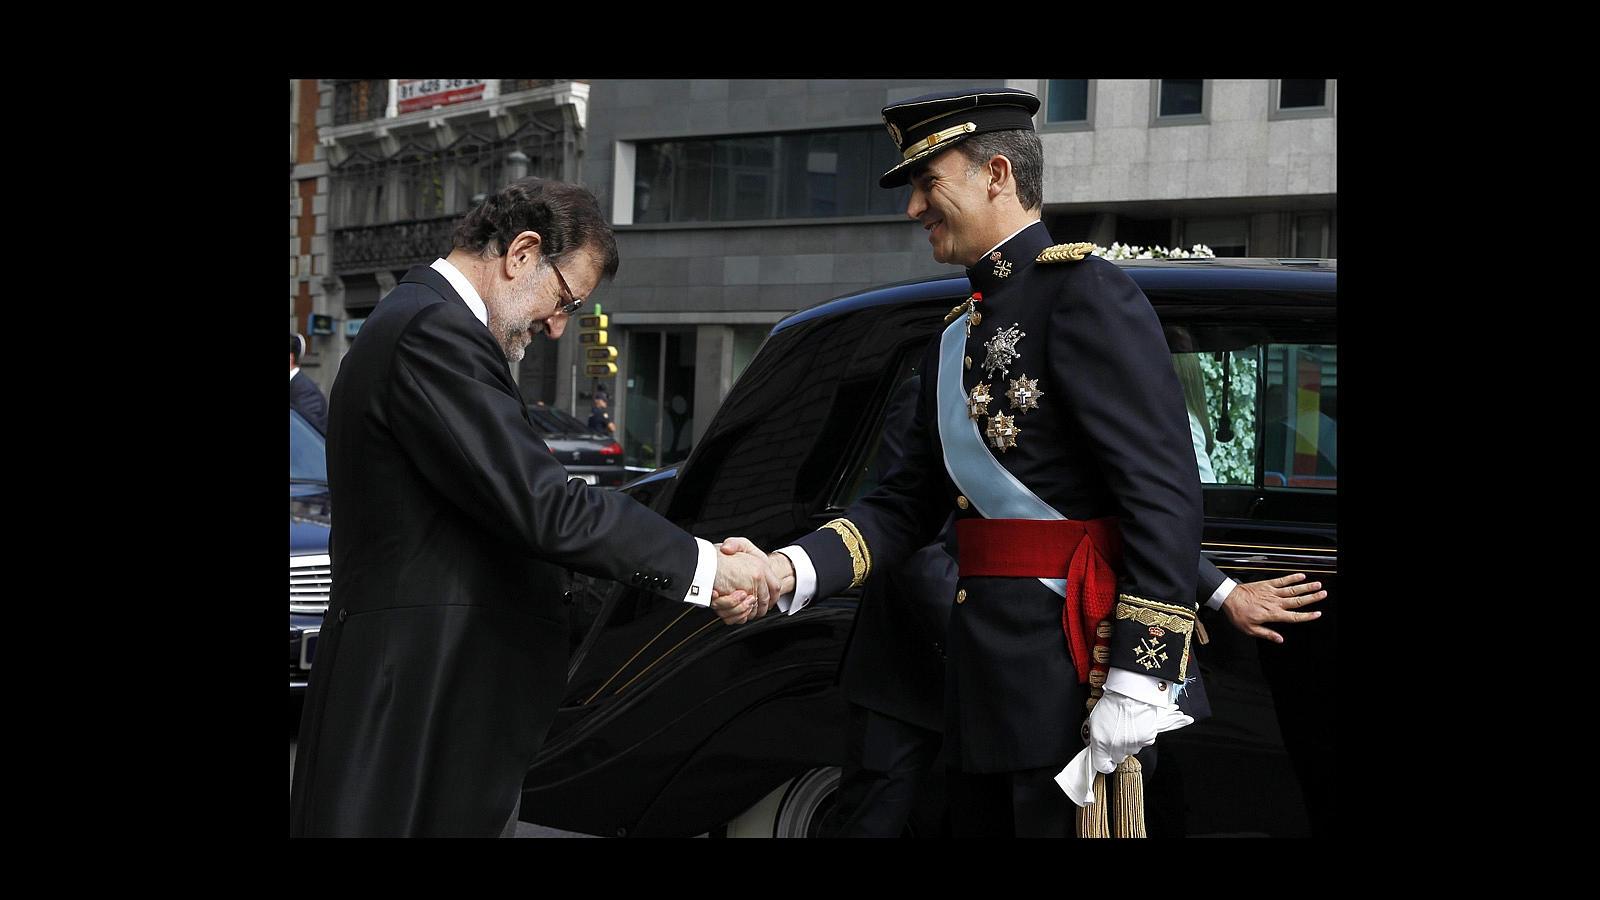 El presidente del Gobierno, Mariano Rajoy, recibe a Don Felipe a las puertas del Congreso de los Diputados de Madrid para su proclamación como Rey de España